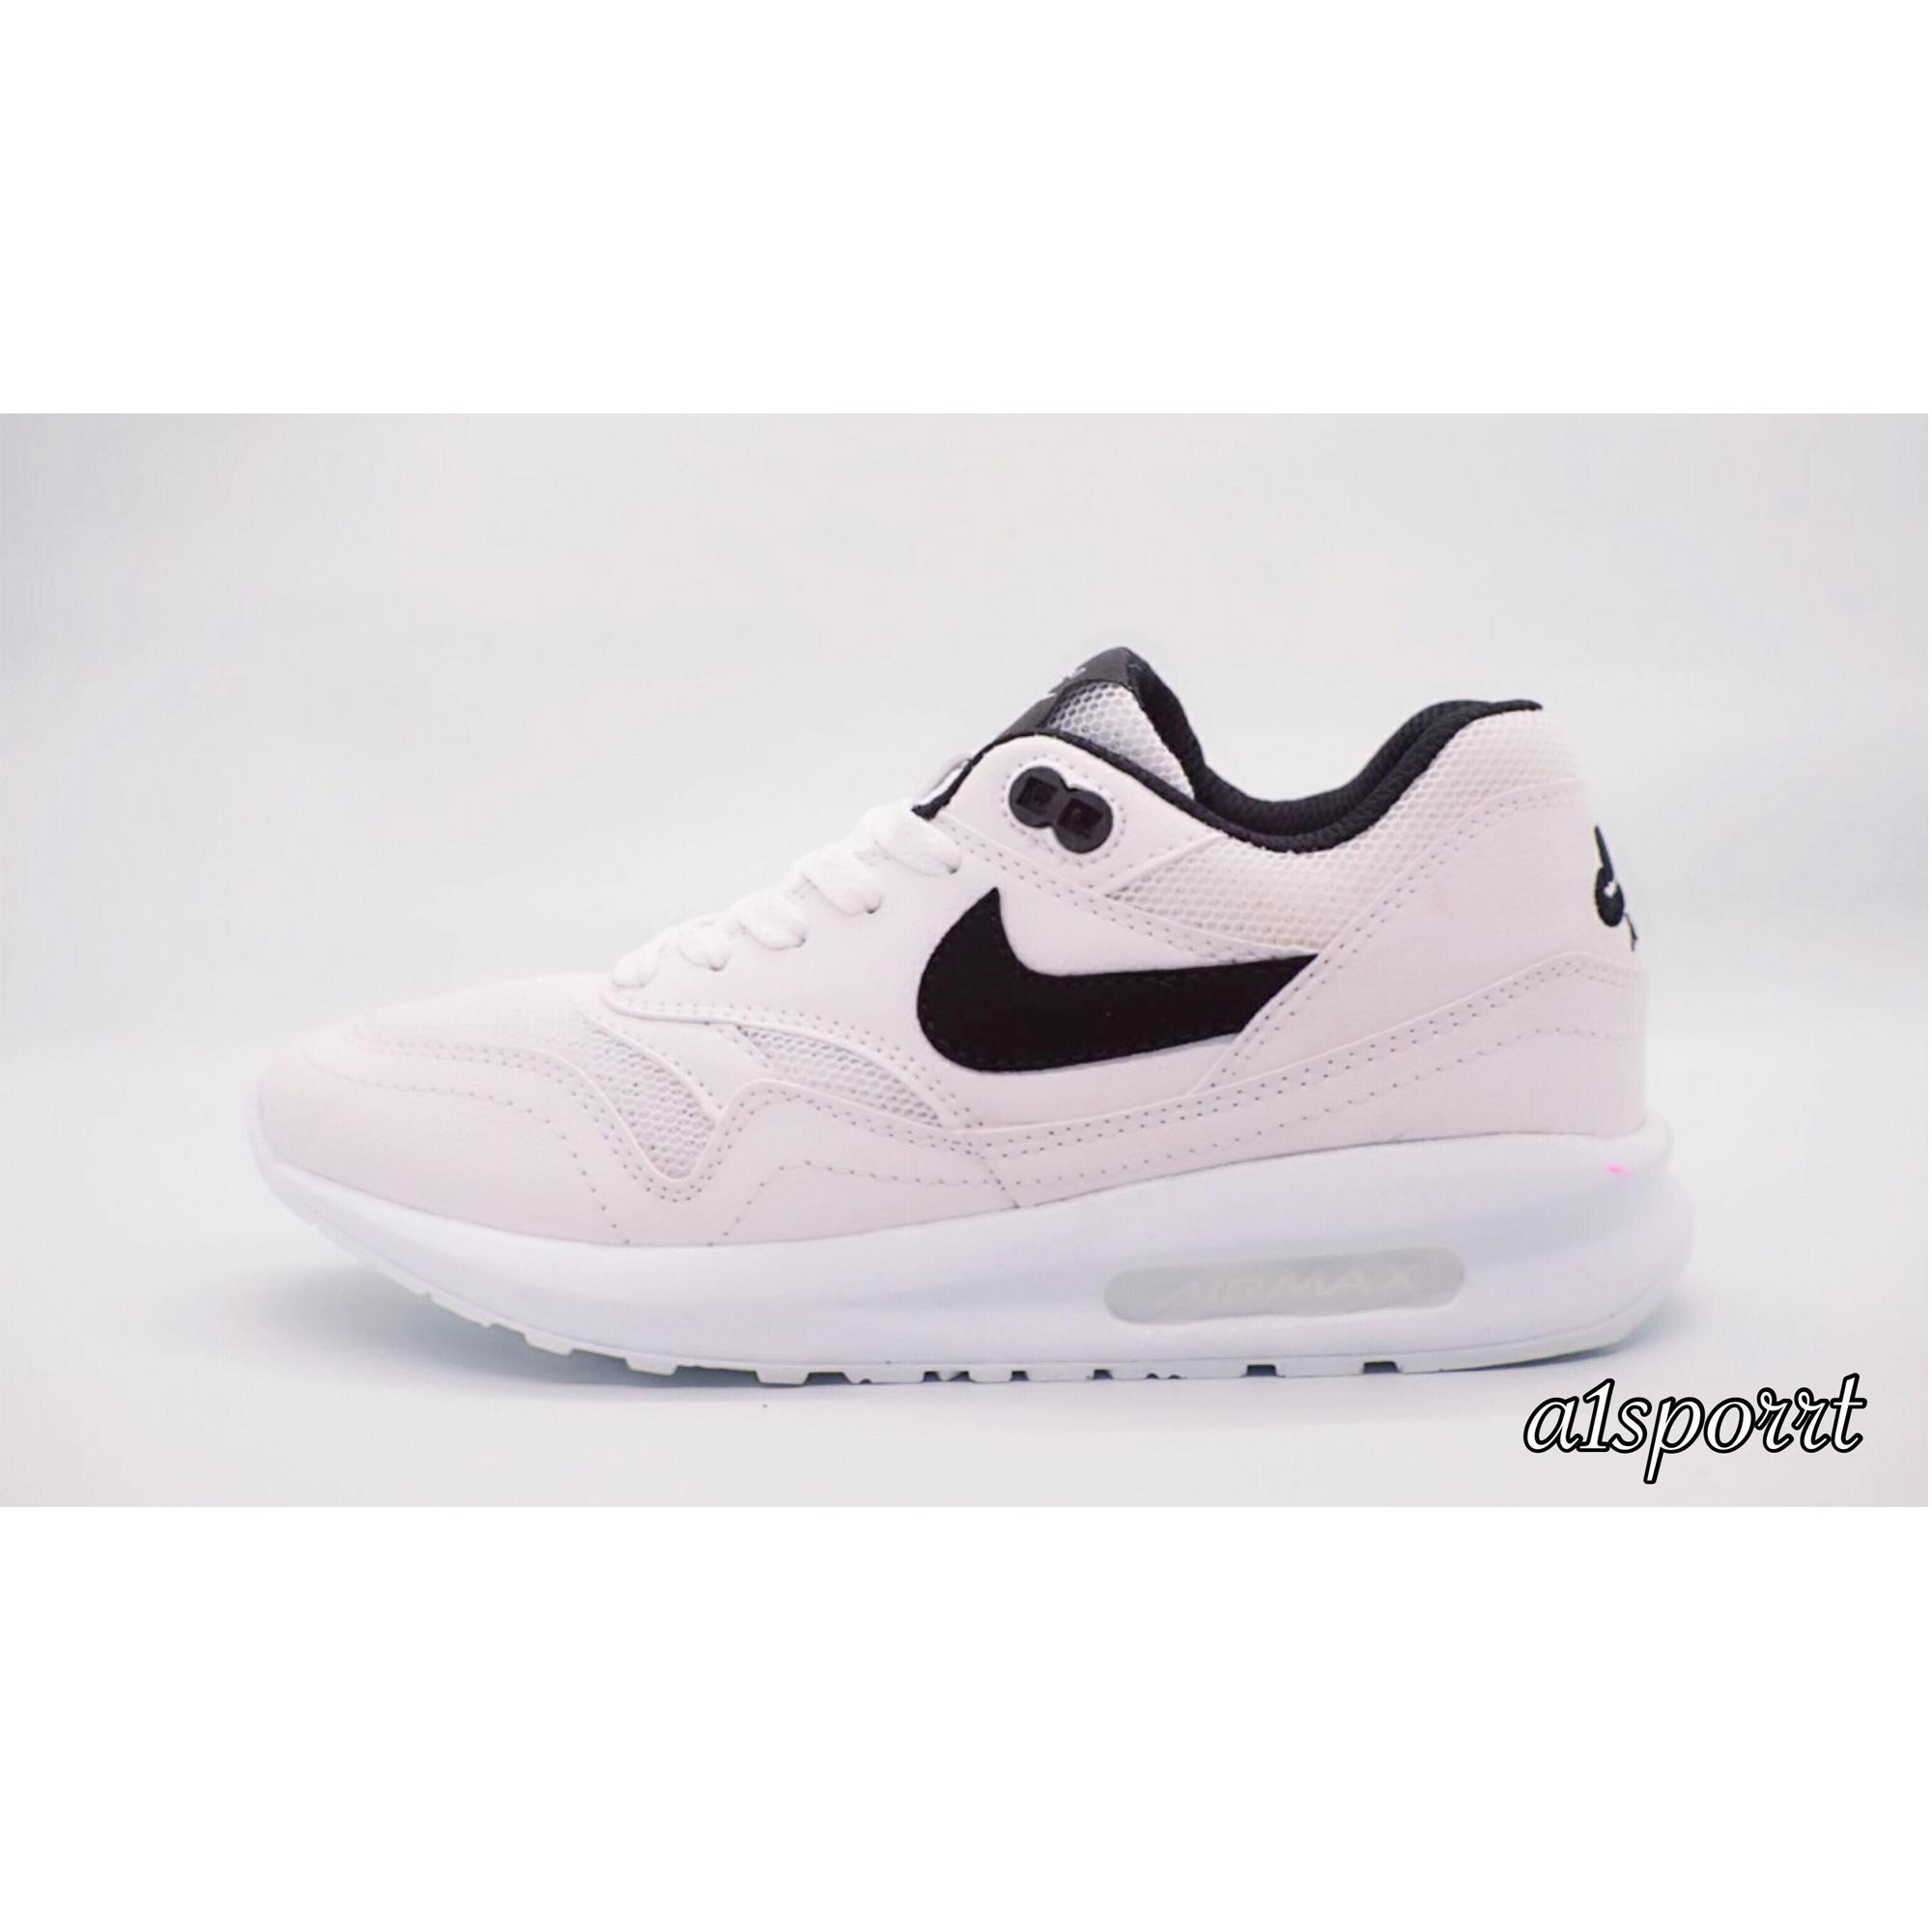 Sepatu Murah Nike Airmax Kualitas Premium Putih List Hitam